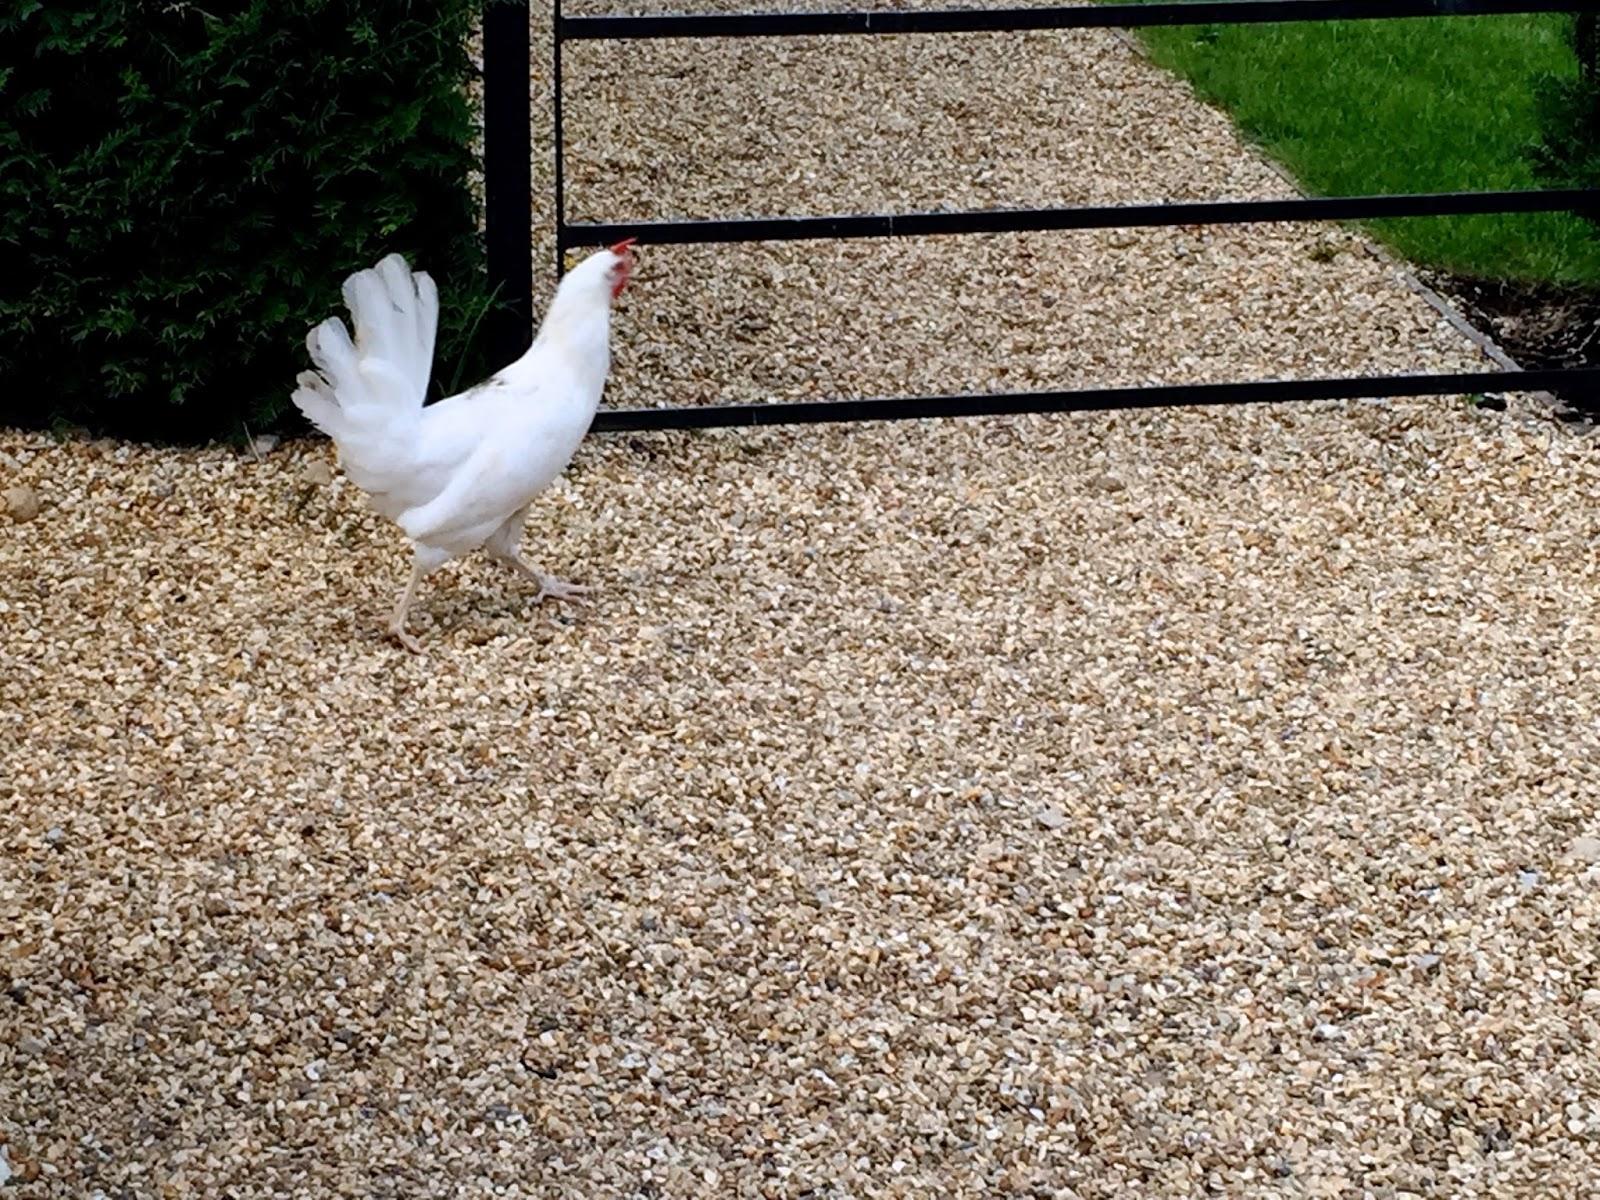 daylesford farm chicken